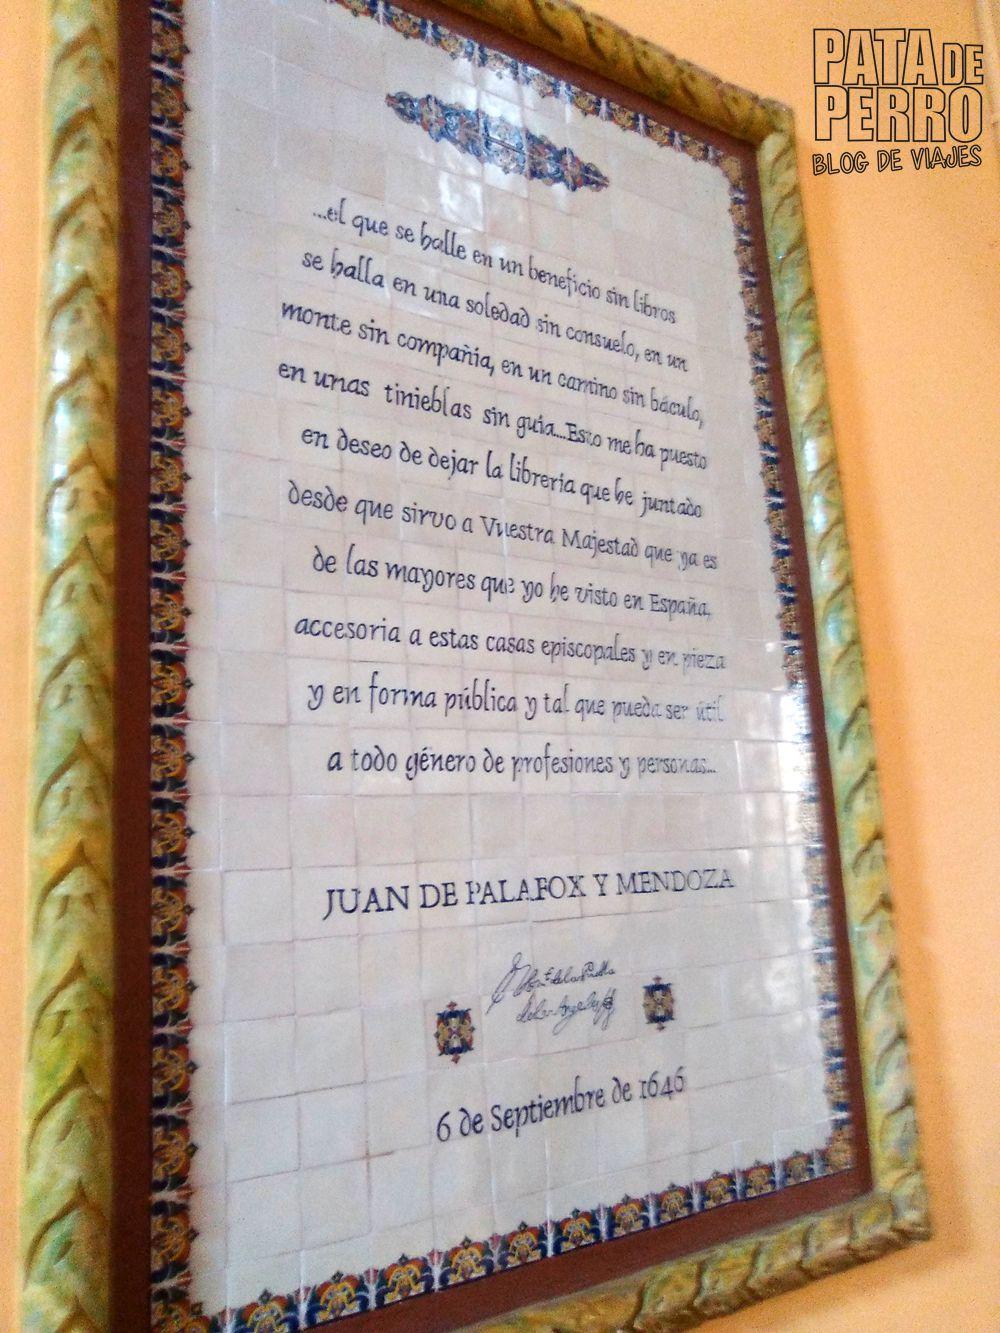 biblioteca-palafoxiana-la-primera-biblioteca-publica-de-america-pata-de-perro-blog-de-viajes-puebla-mexico-20